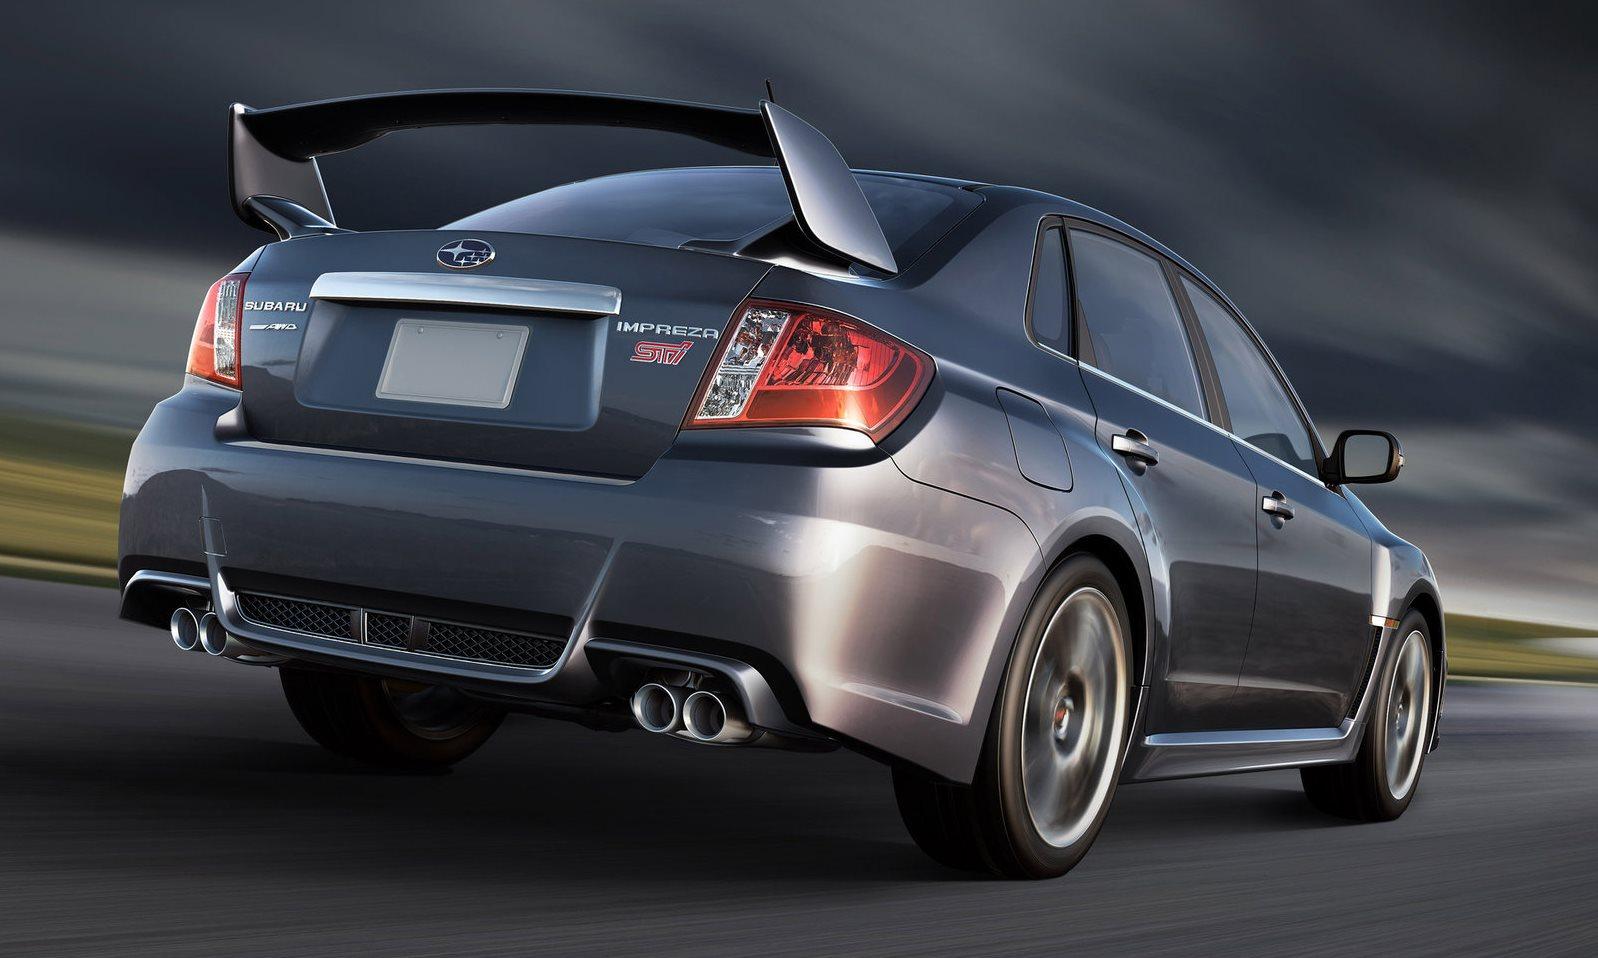 Subaru Impreza 2.5 WRX STI Sedan Sportshift